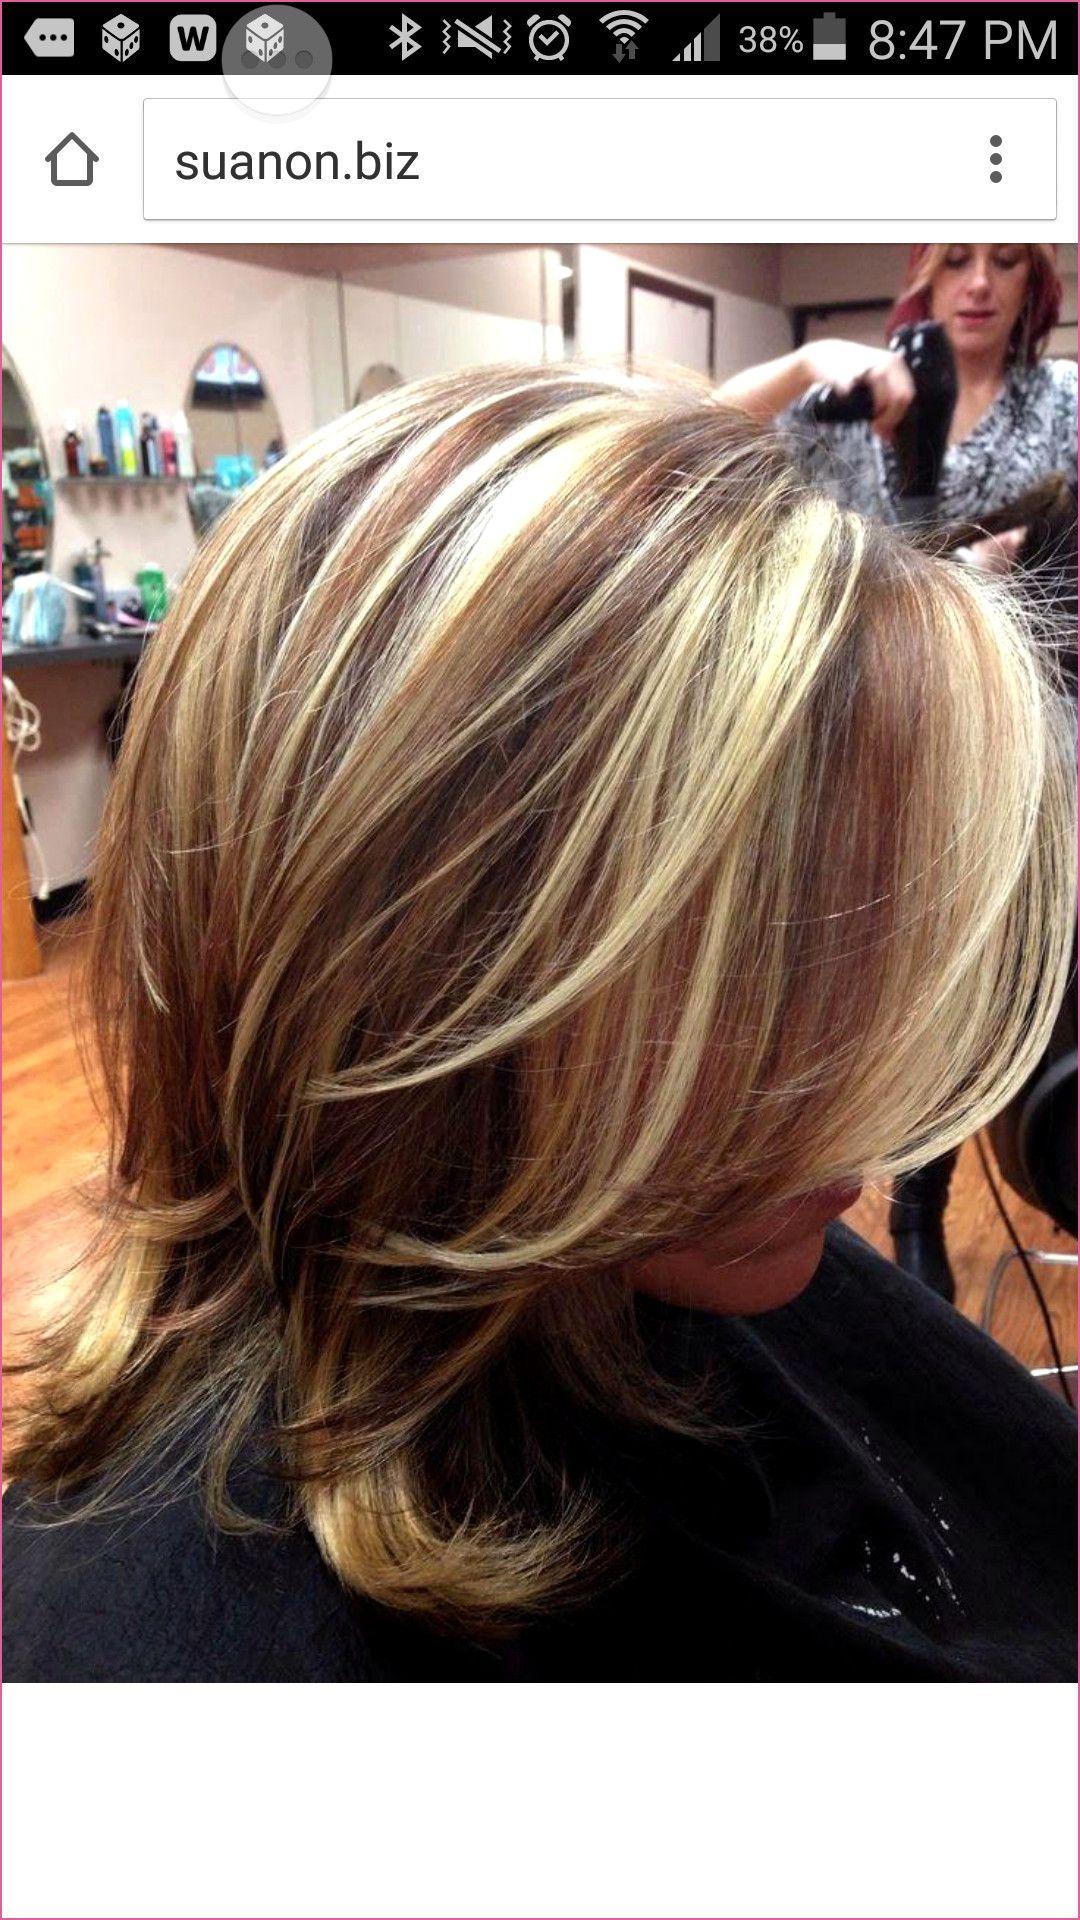 Lange Haare Gestuft 2021 In 2020 Frisuren Lange Haare Stufen Frisuren Lange Haare Schnitt Mittellange Haare Frisuren Einfach